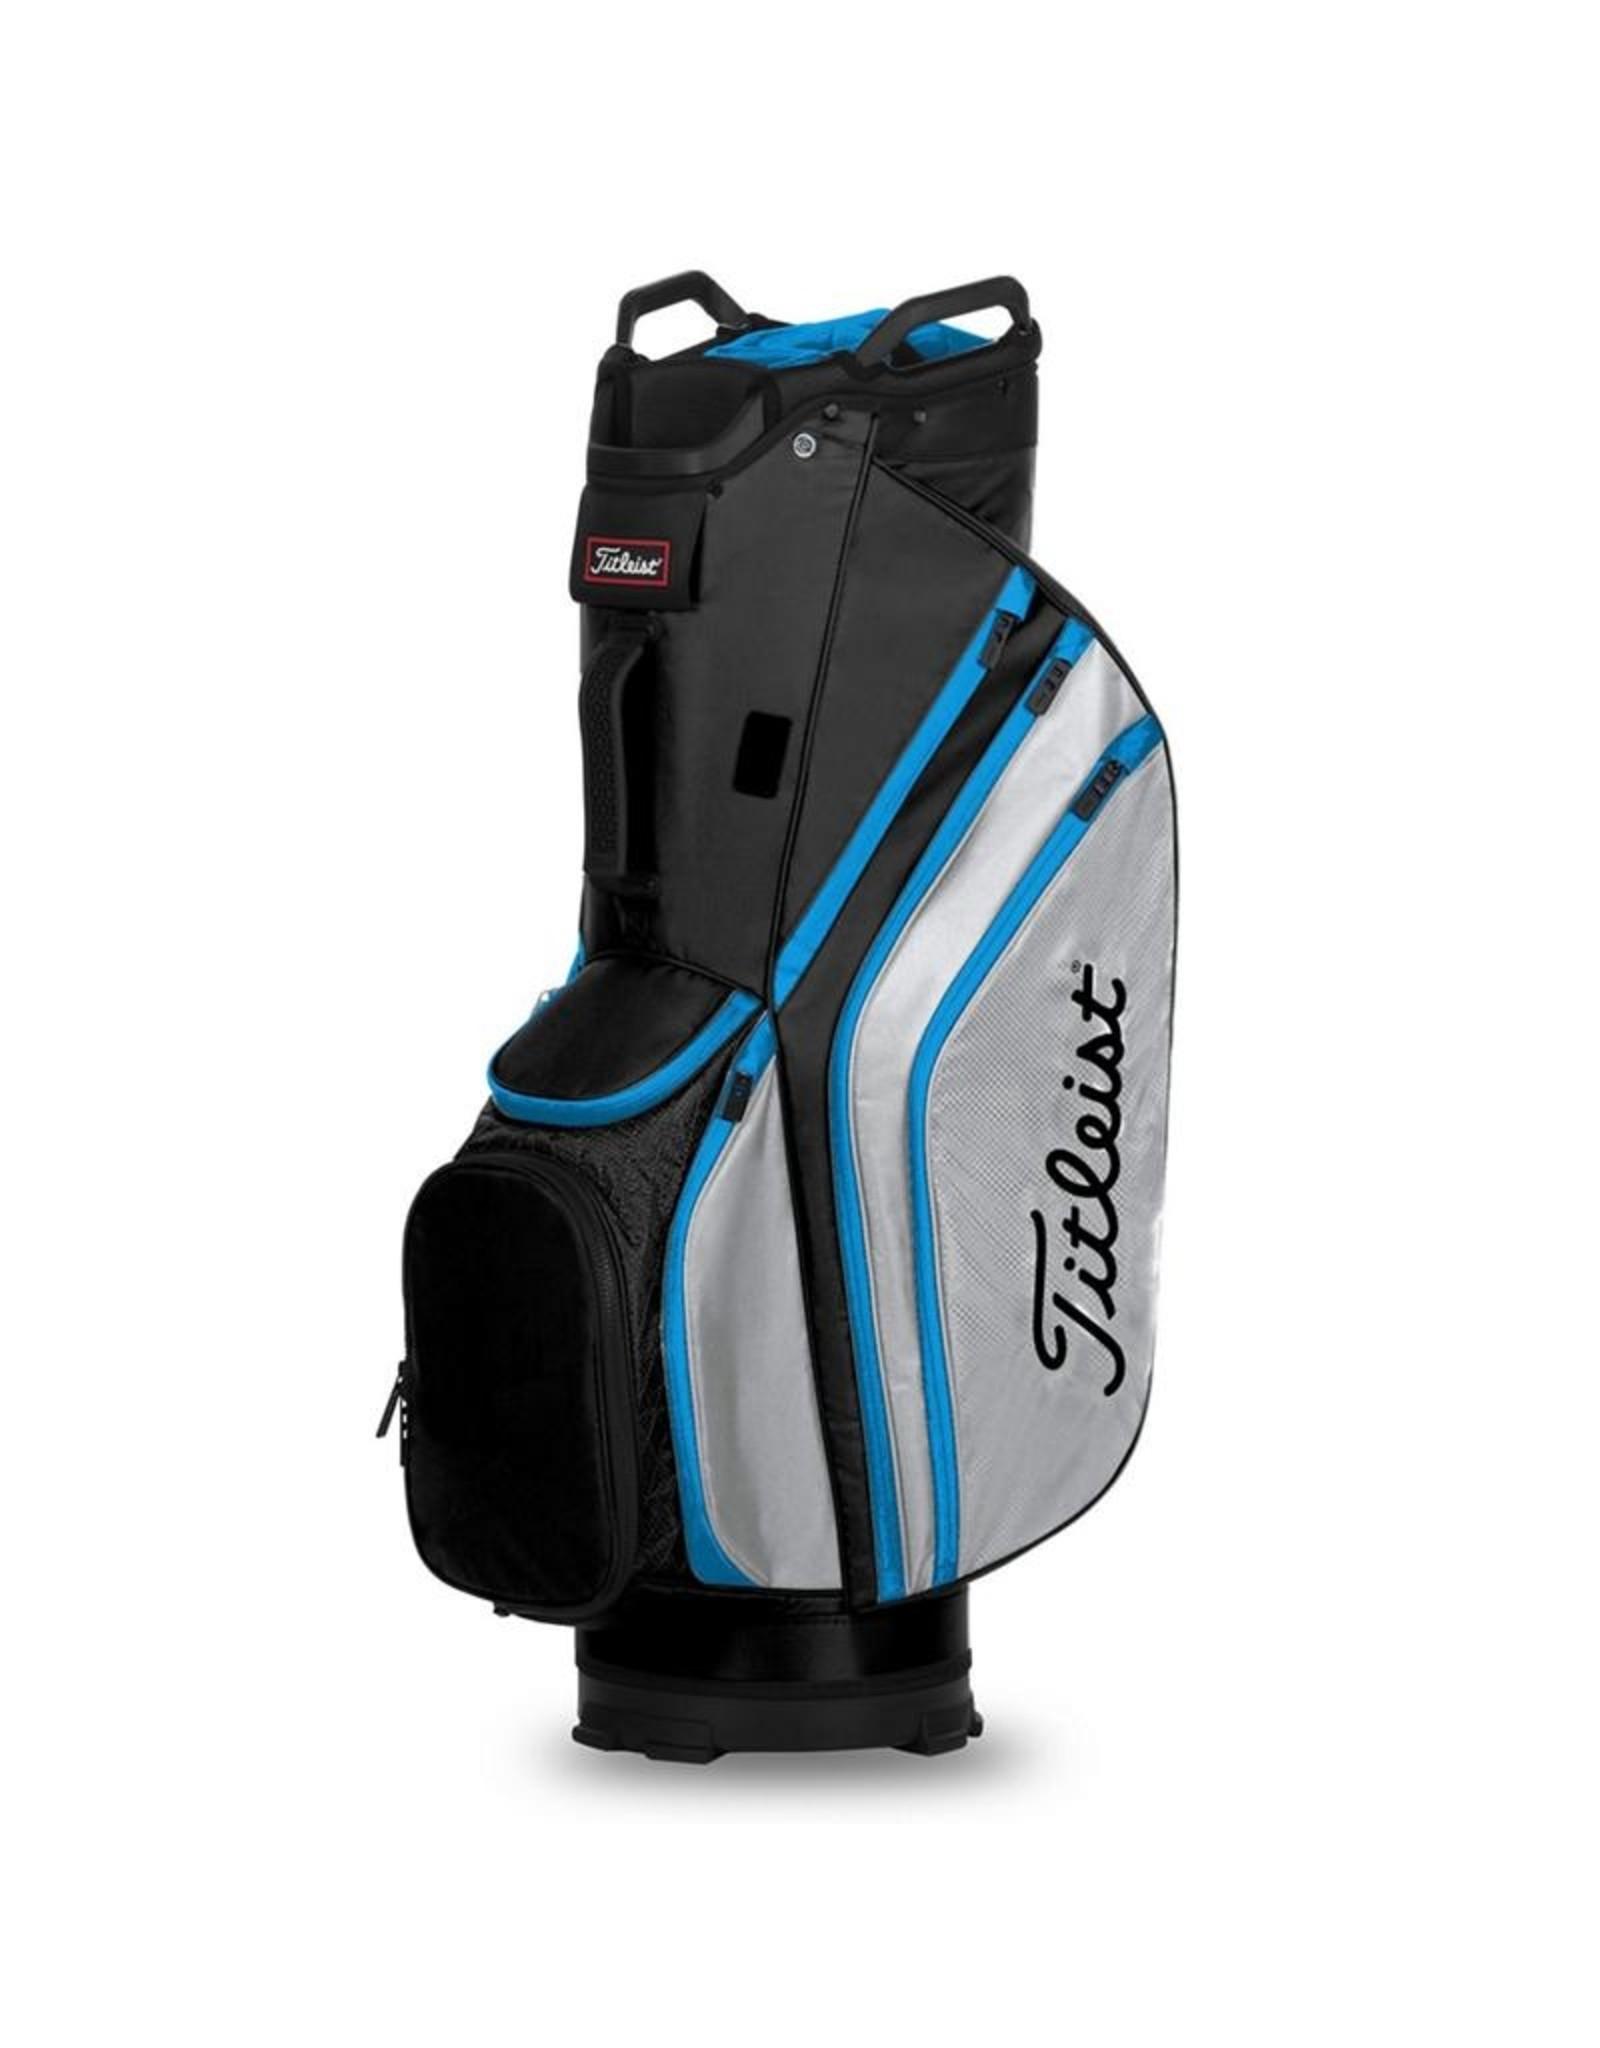 Titleist Titleist 14 LTW Cart Bag